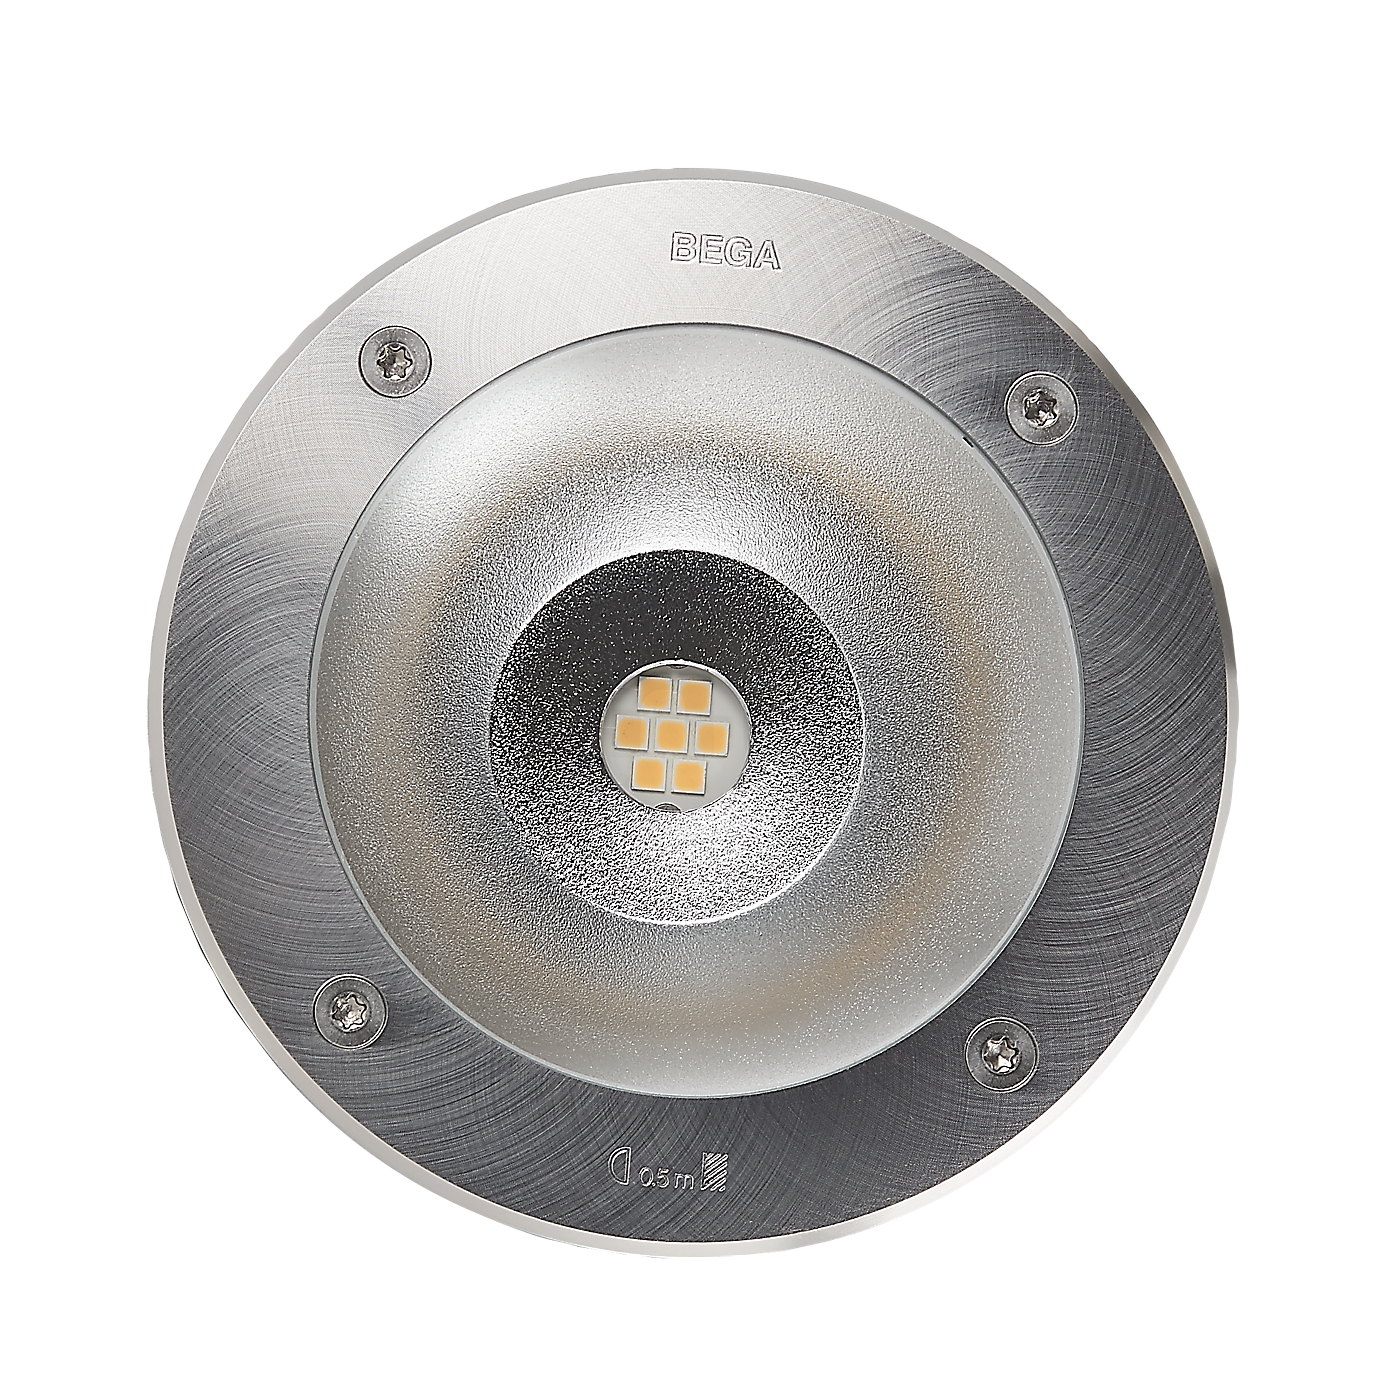 bega 77011 luminaire encastrer led lampe au sol en vente sur. Black Bedroom Furniture Sets. Home Design Ideas